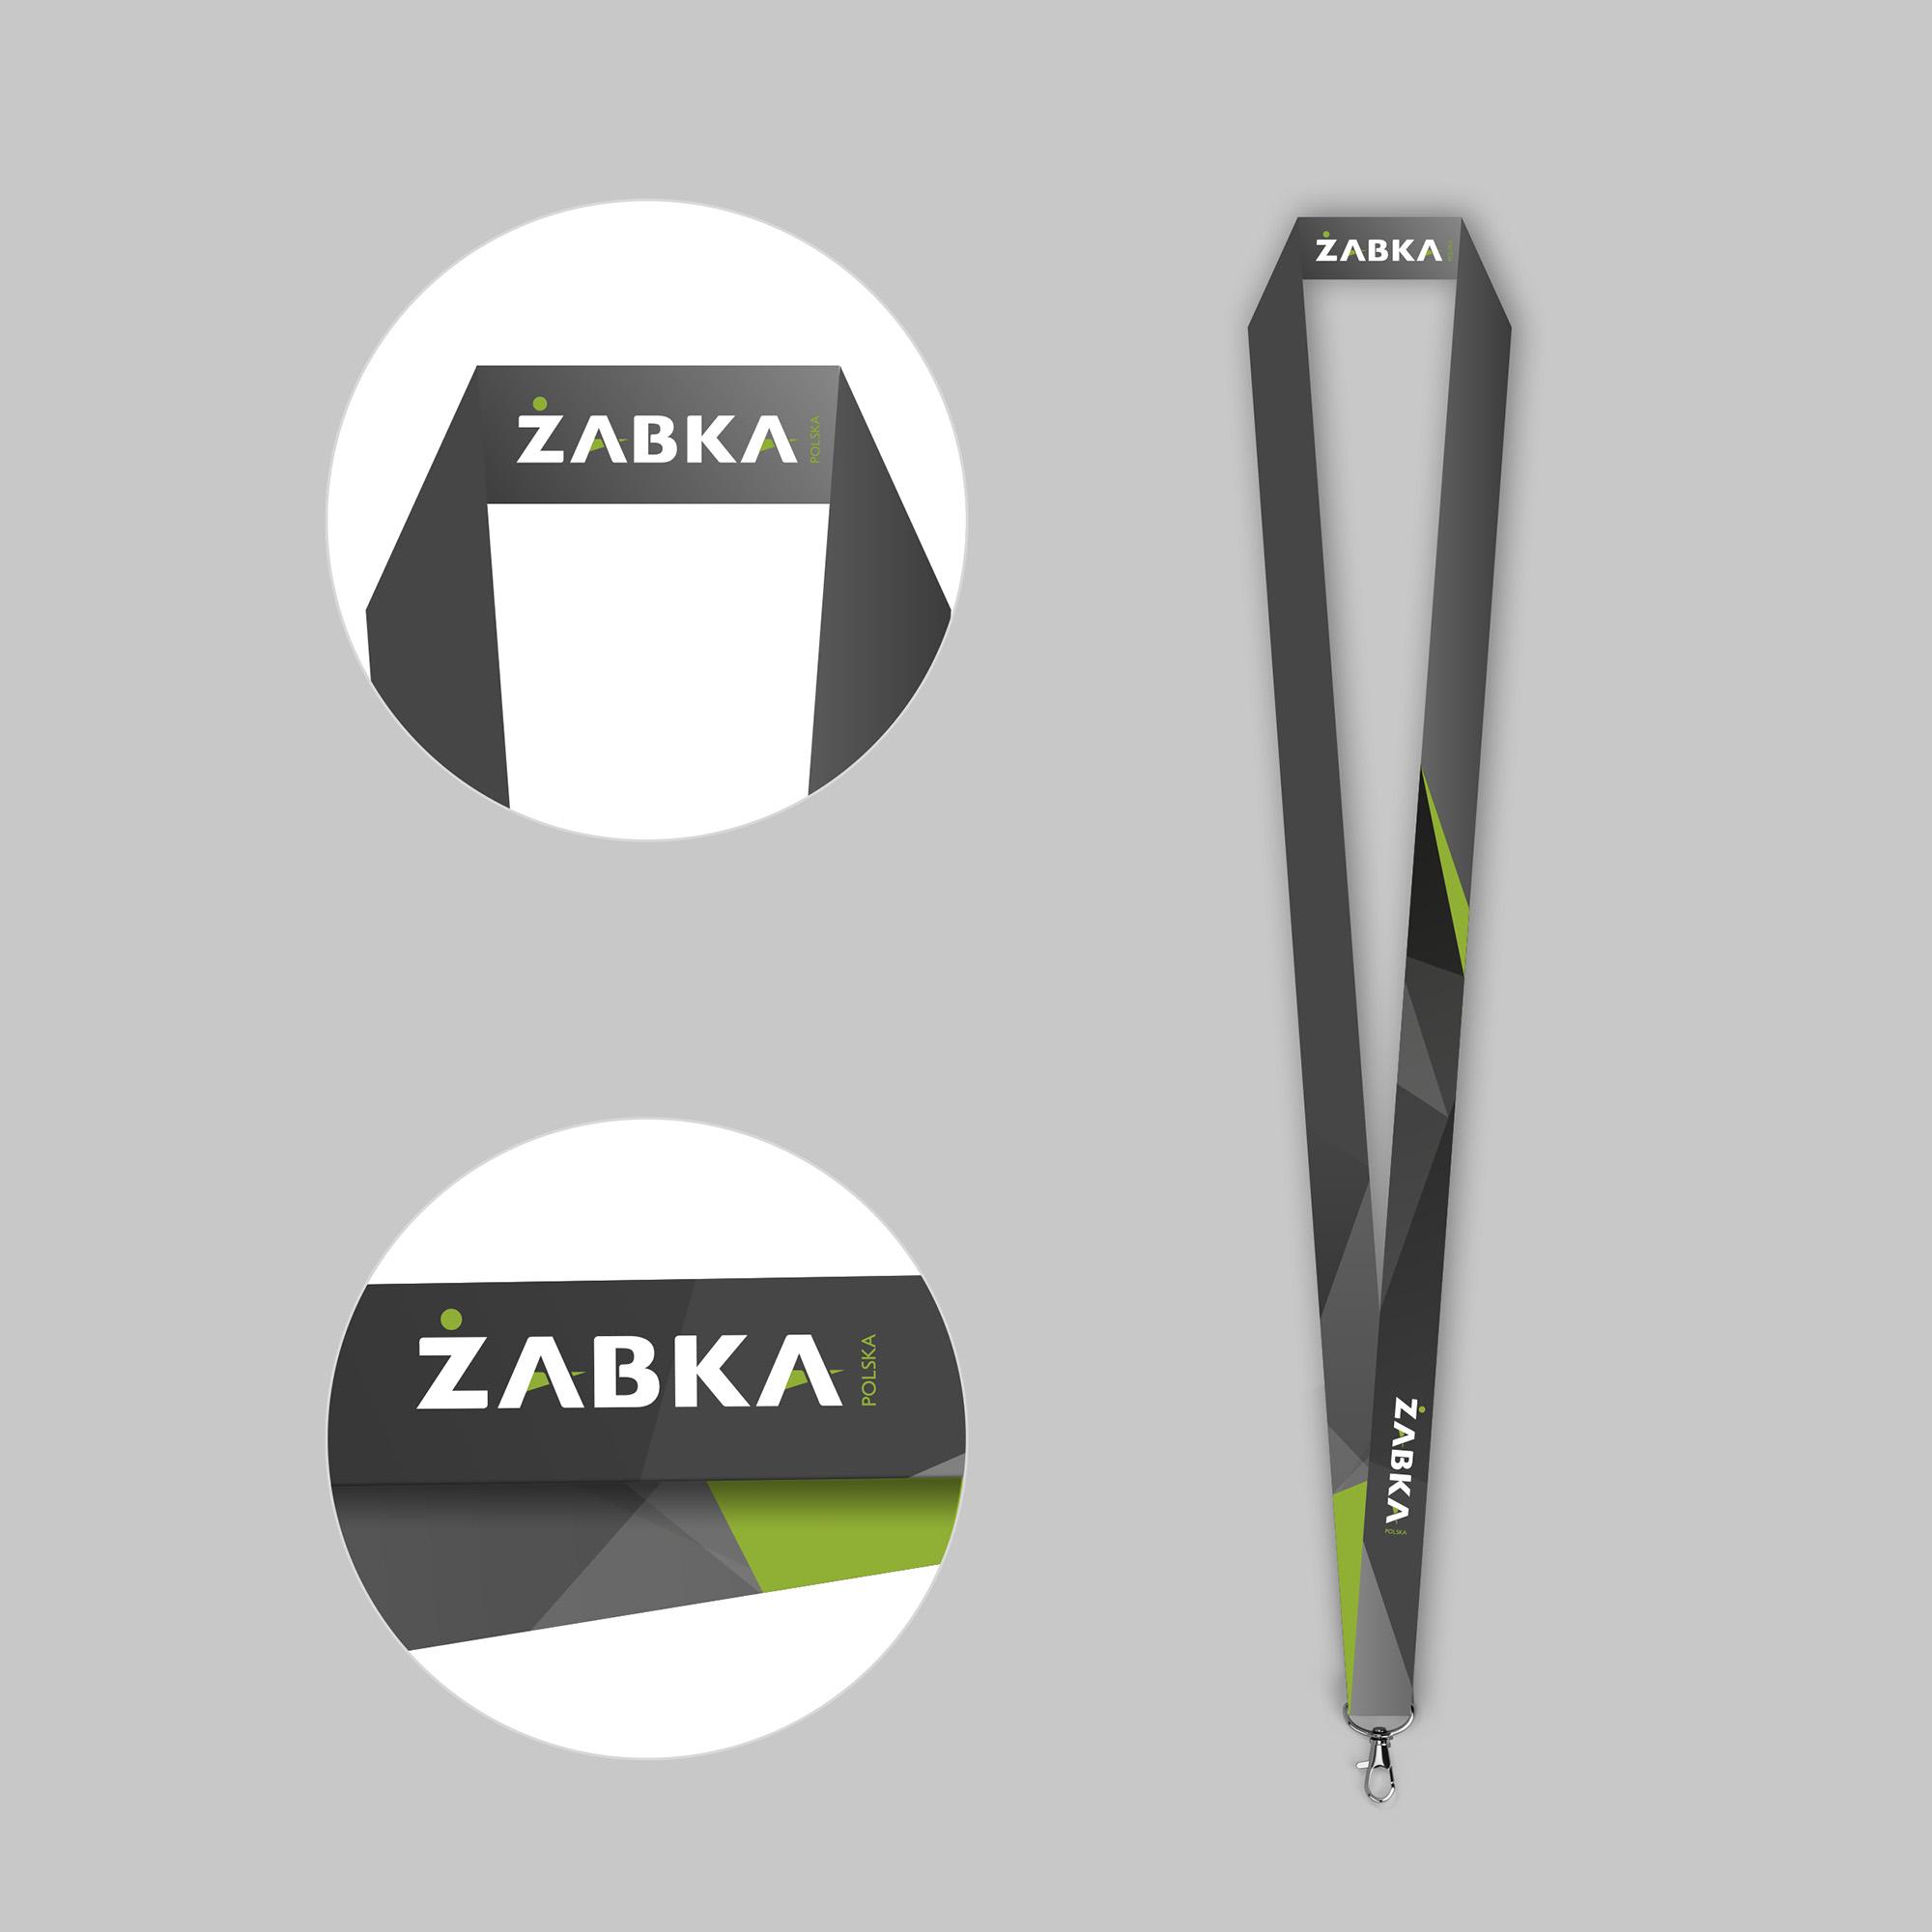 gadgets design, projektowanie gadżetów, bloch projektowanie graficzne, Żabka Polska